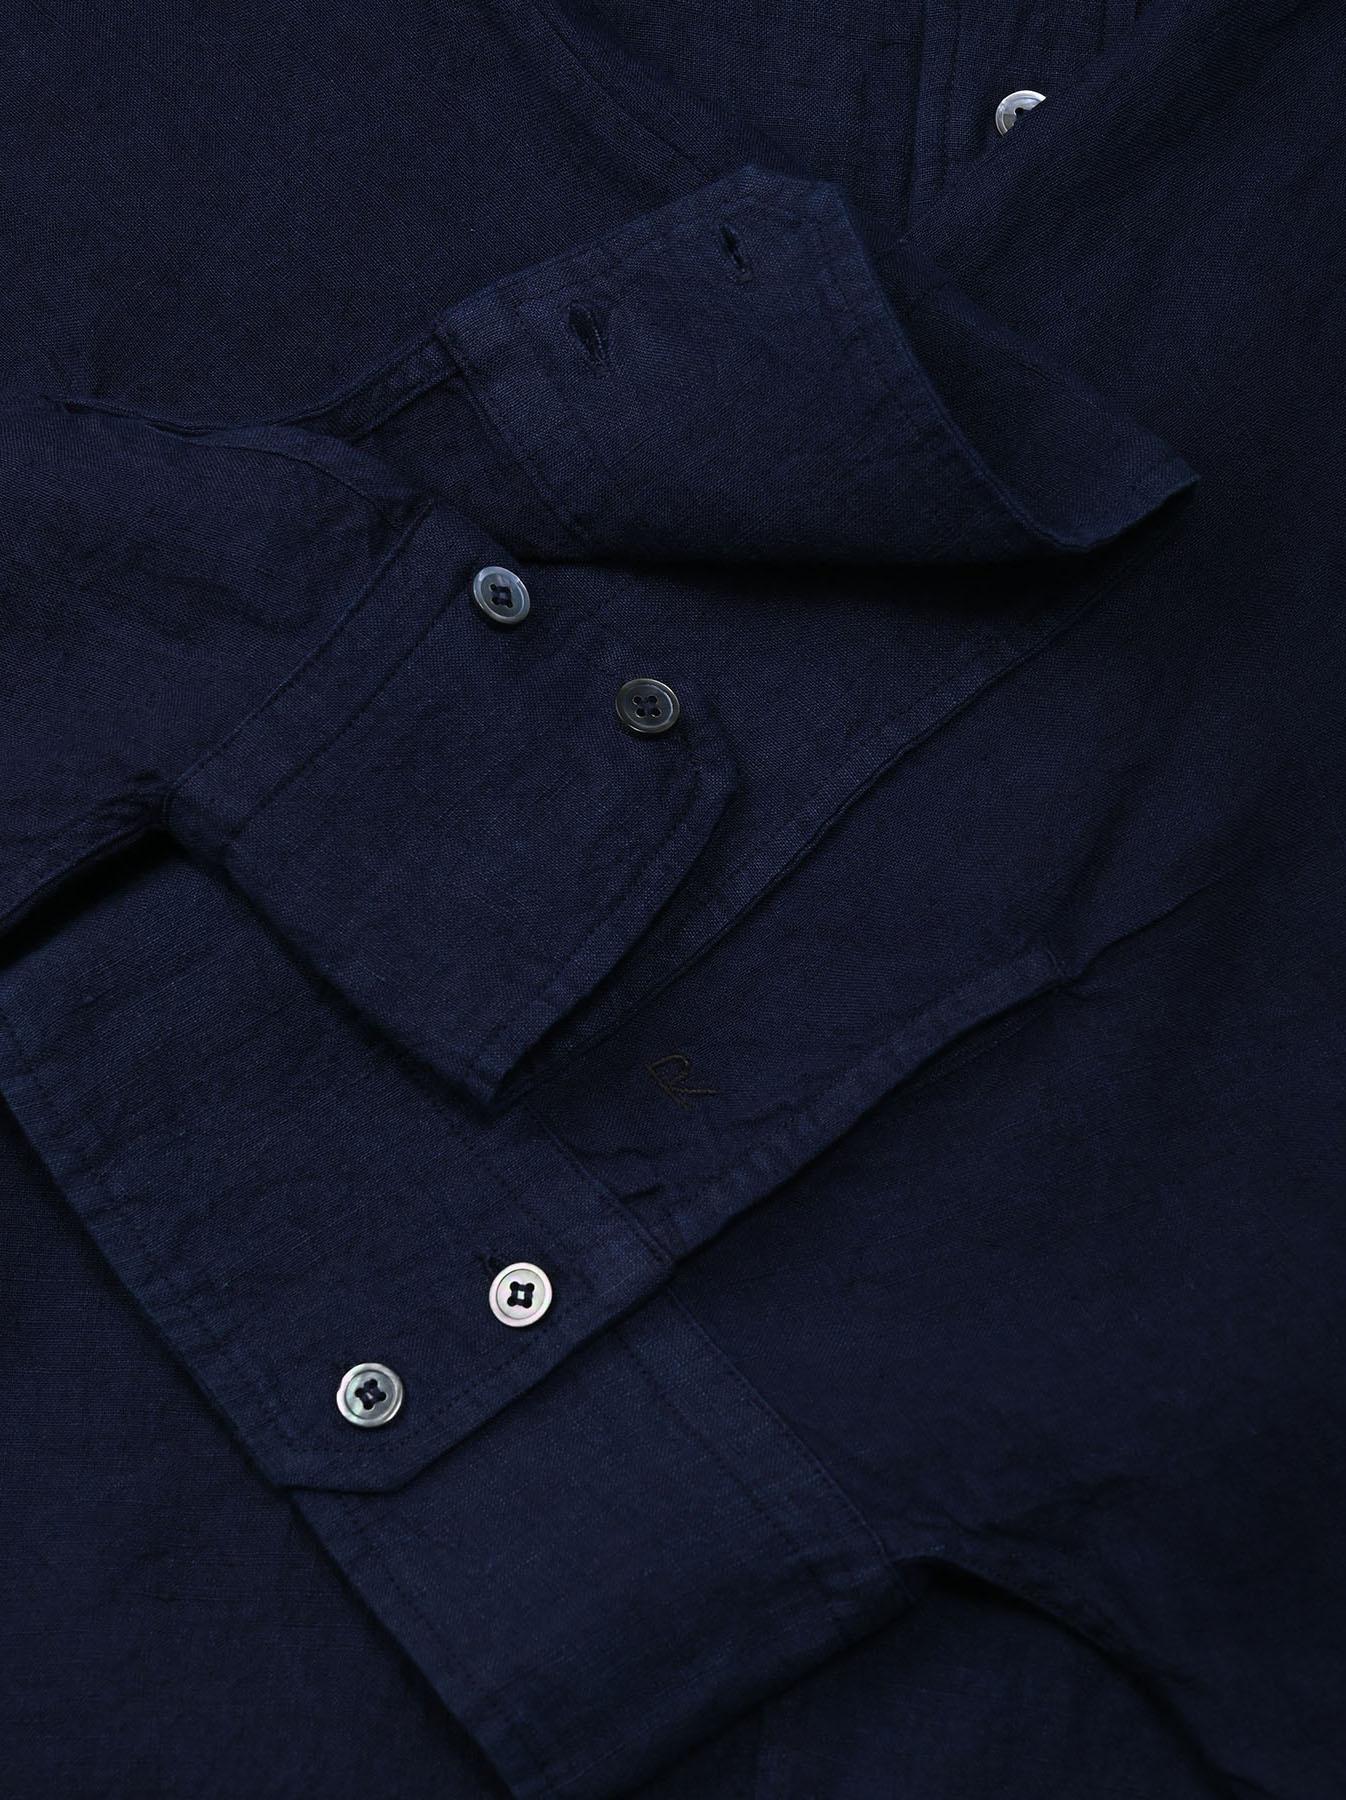 Indigo Indian Linen Flat Big Shirt (0521)-9